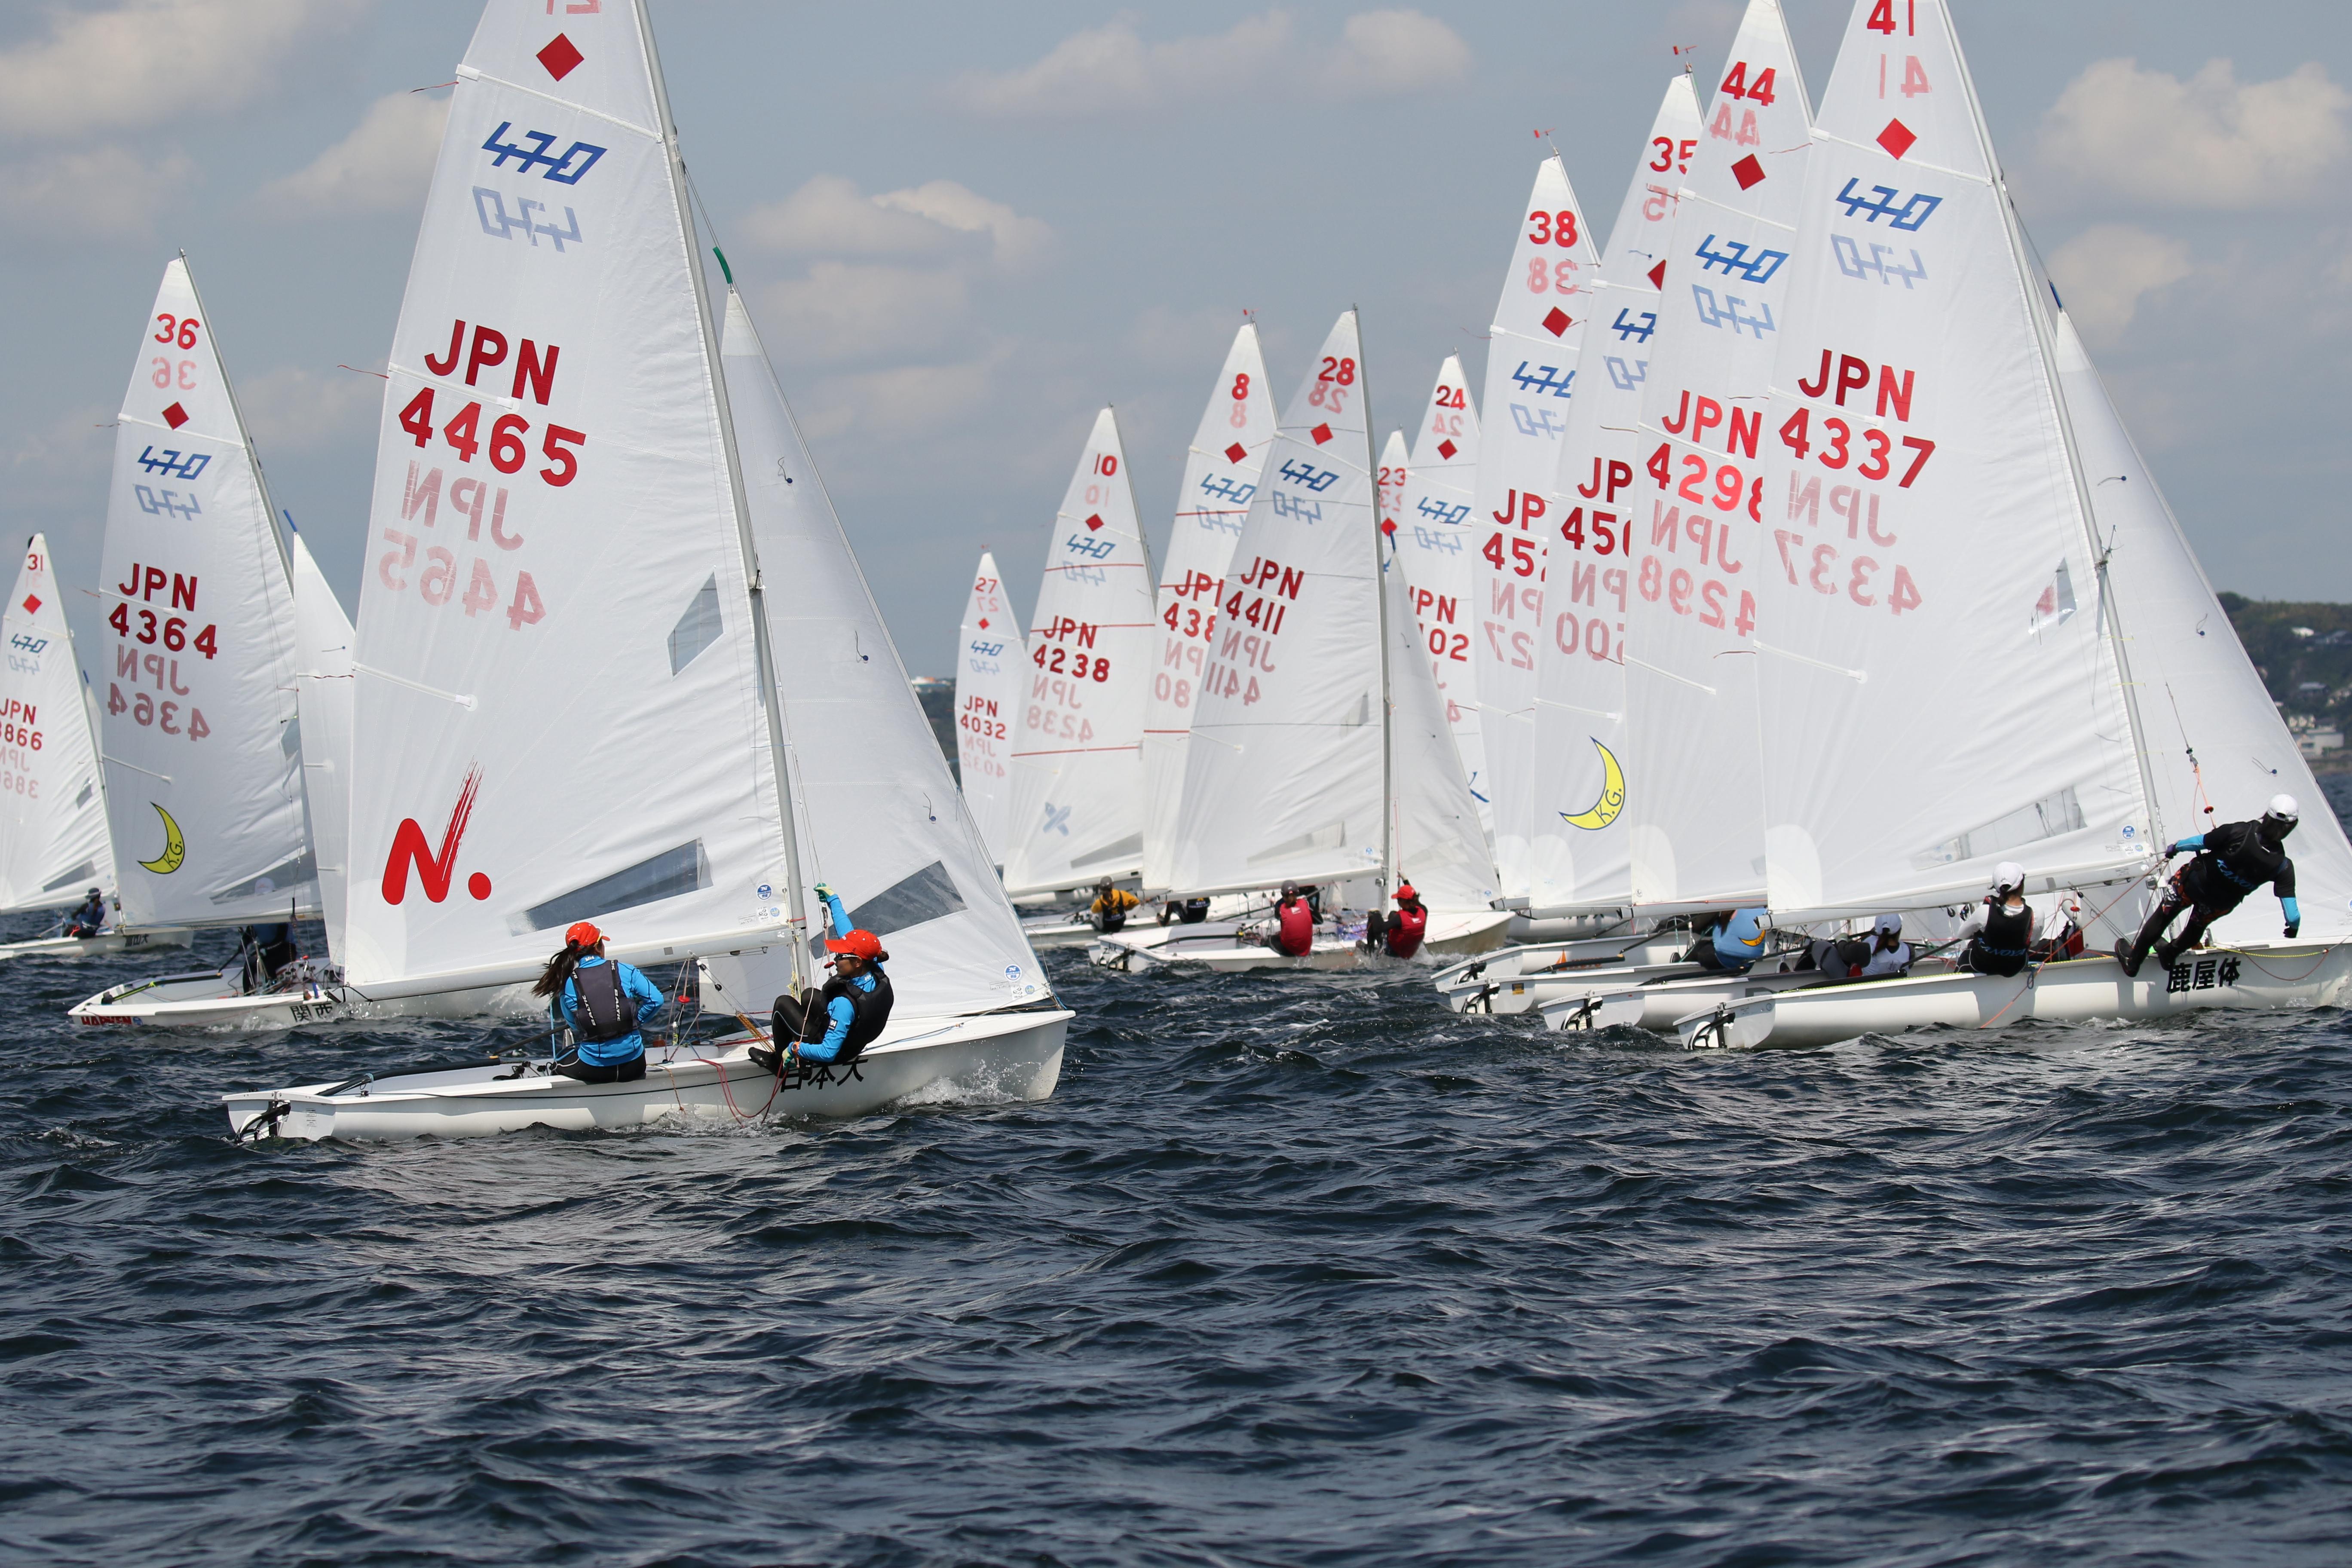 9月下旬、神奈川県葉山港沖で開催された全日本学生女子ヨット選手権大会(通称女子インカレ)。80艇近くのディンギー(小型ヨット)が葉山の海を縦横に走り回り、熱戦を繰り広げた。<br>キヤノン EOS 7D Mark II / EF100-400mm F4.5-5.6L IS II USM / 100mm(160mm相当) / マニュアル露出(F5.6、1/2,500秒) / ISO 200